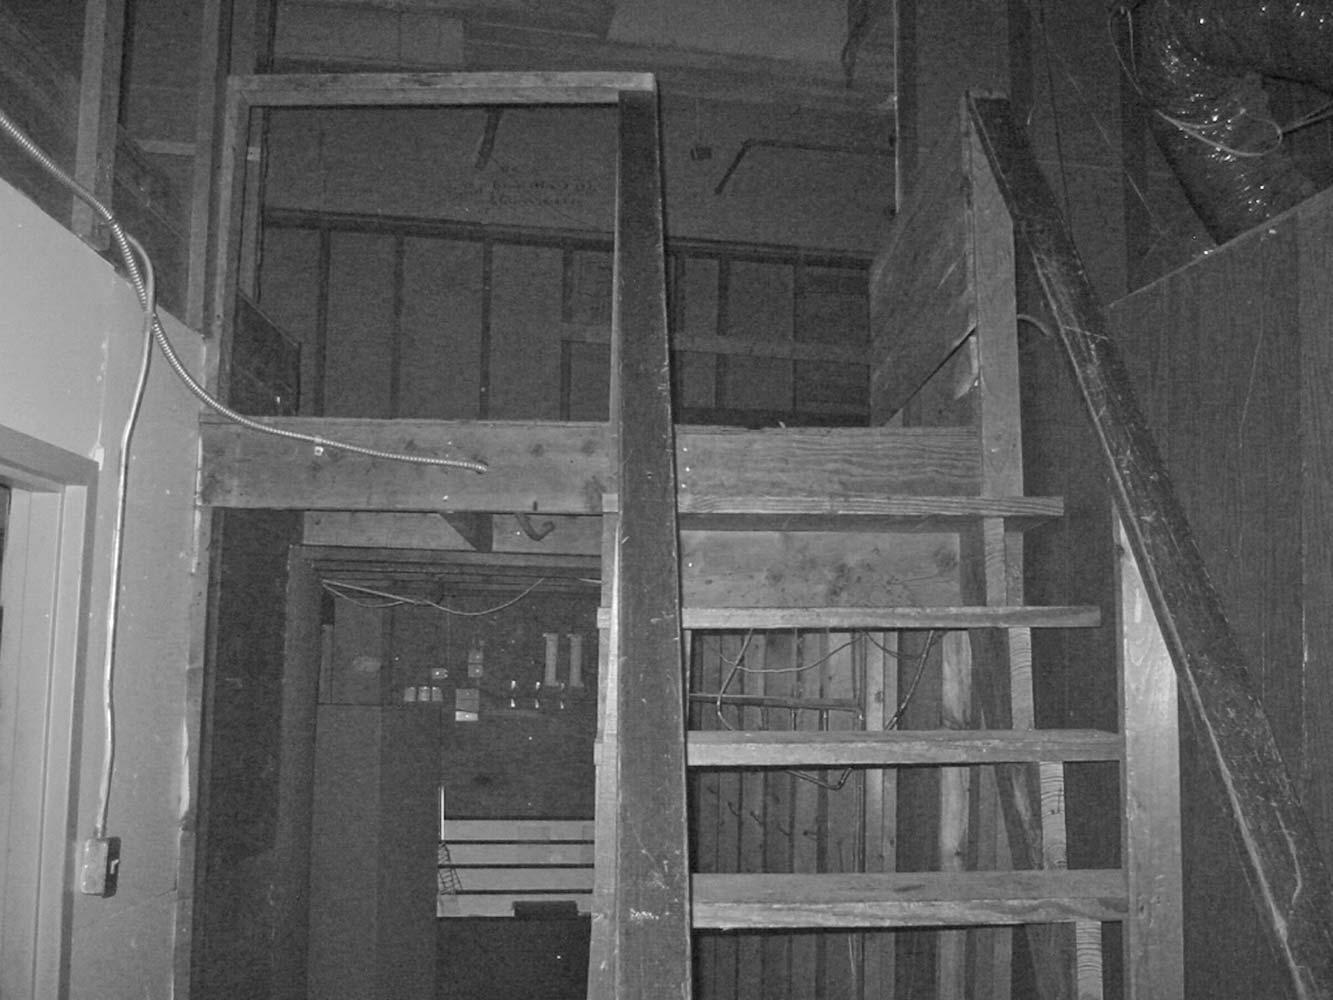 PREVIOUS STAIRCASE